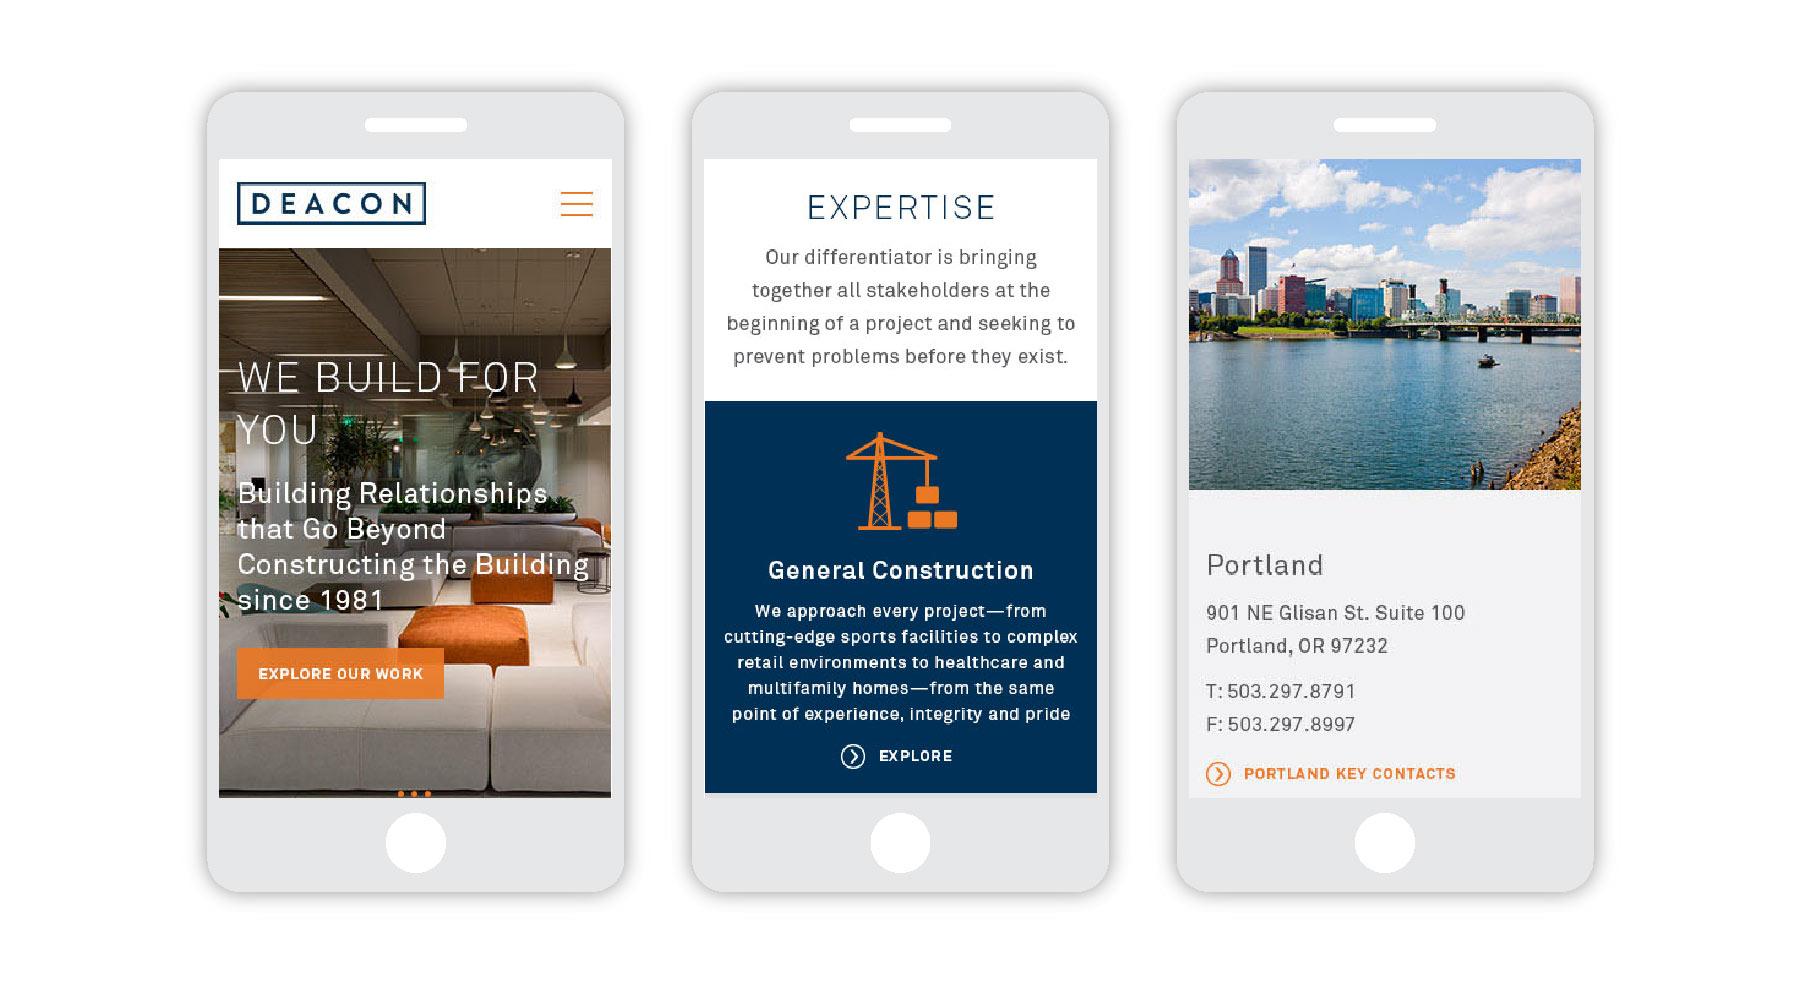 Deacon-website-mobile-2.jpg